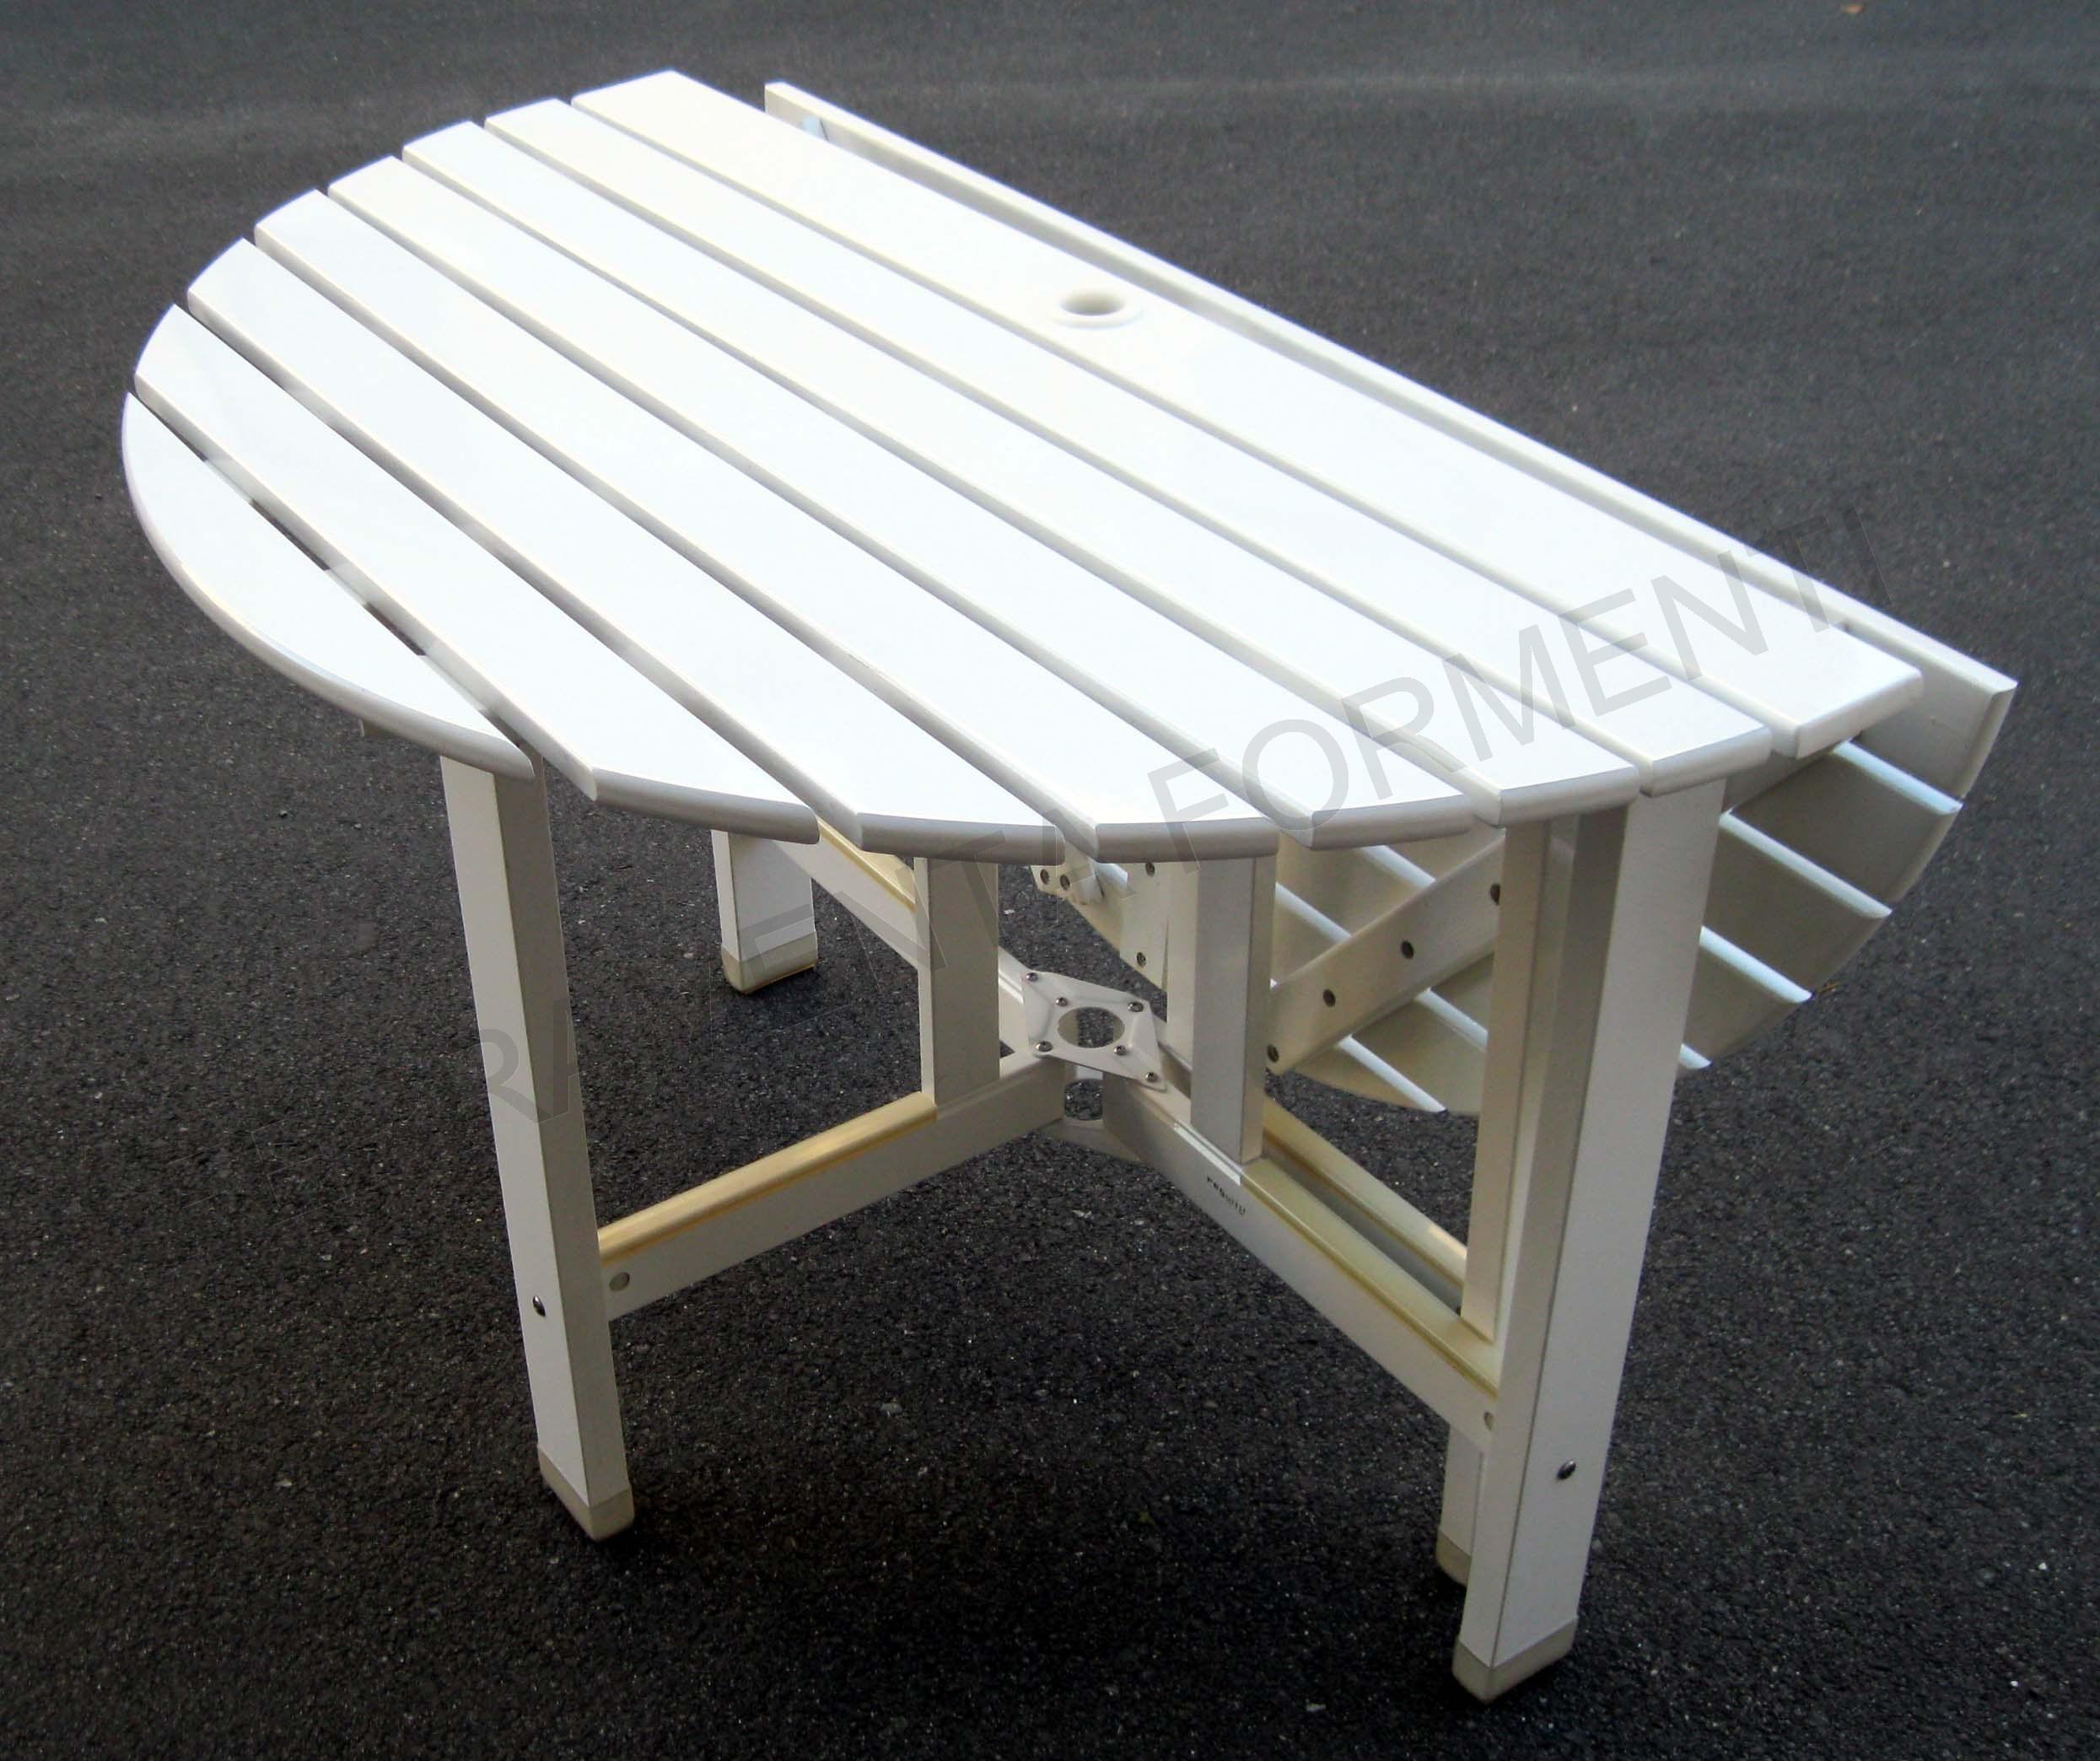 Tavolo circolare giardino in legno bianco reguitti - Giare da giardino ...